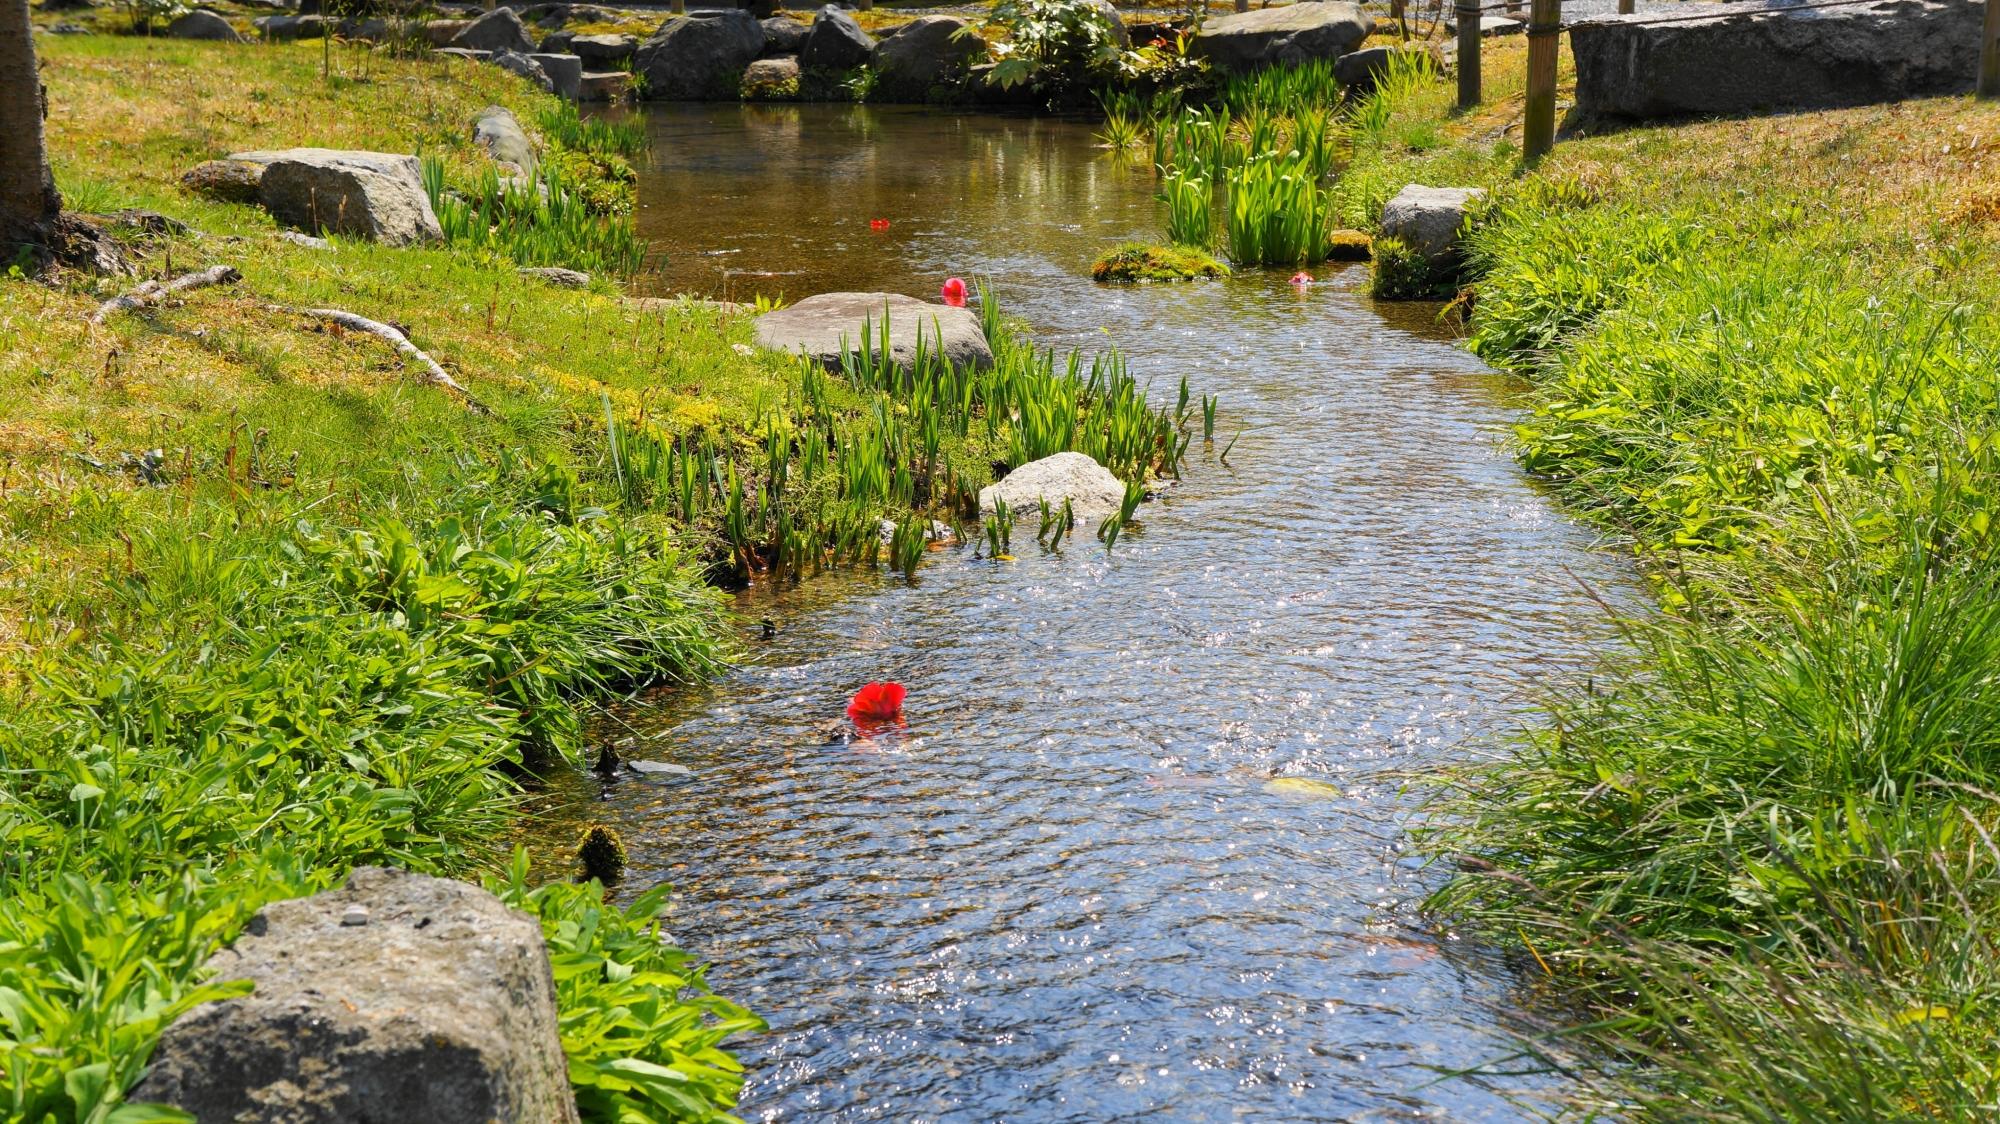 渉成園の傍花閣付近の春の小川